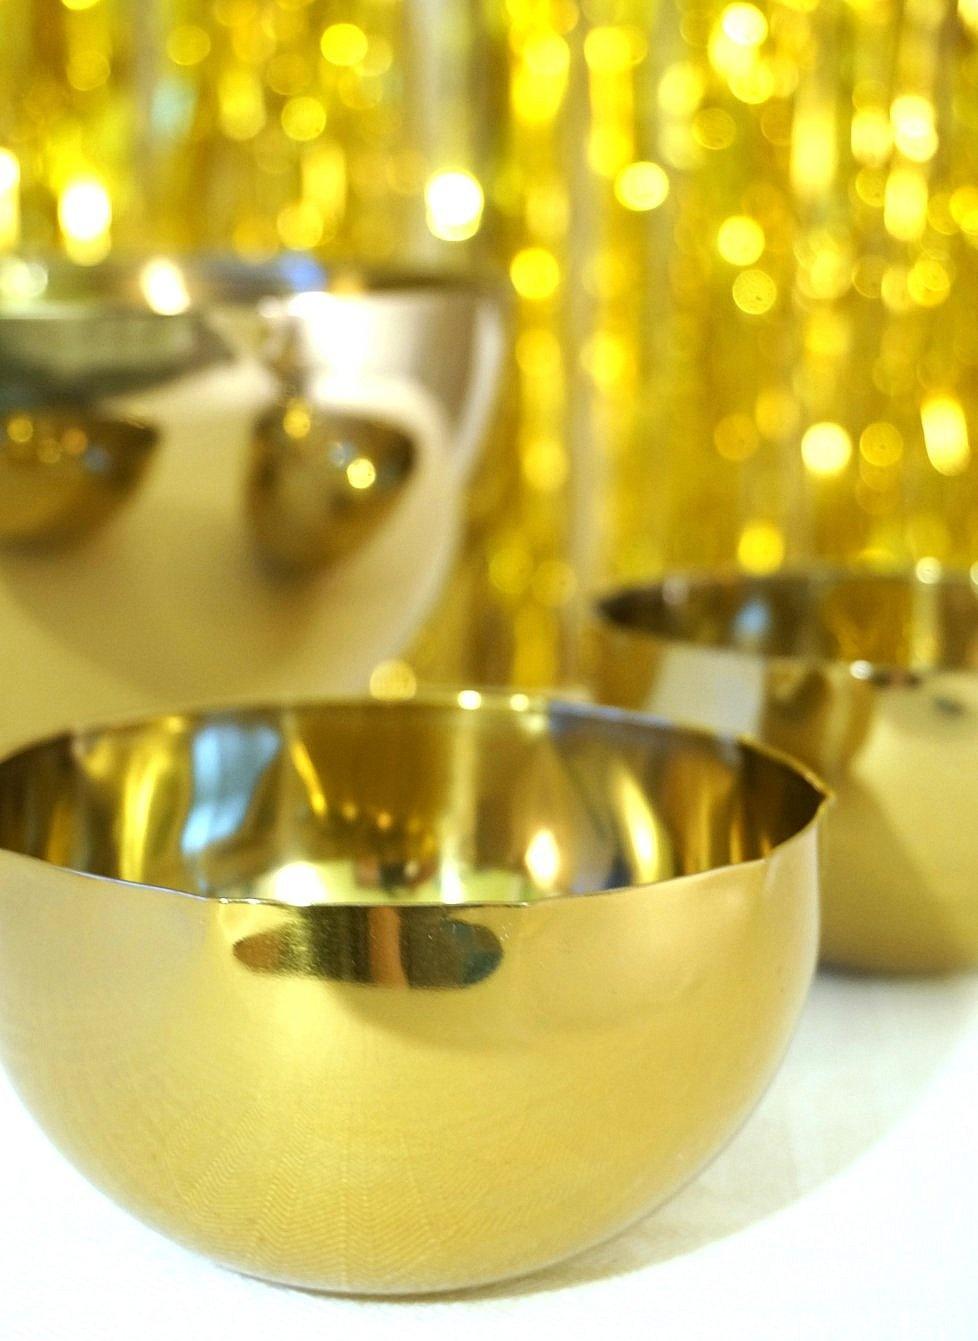 brassy-bowls-add-holiday-cheer